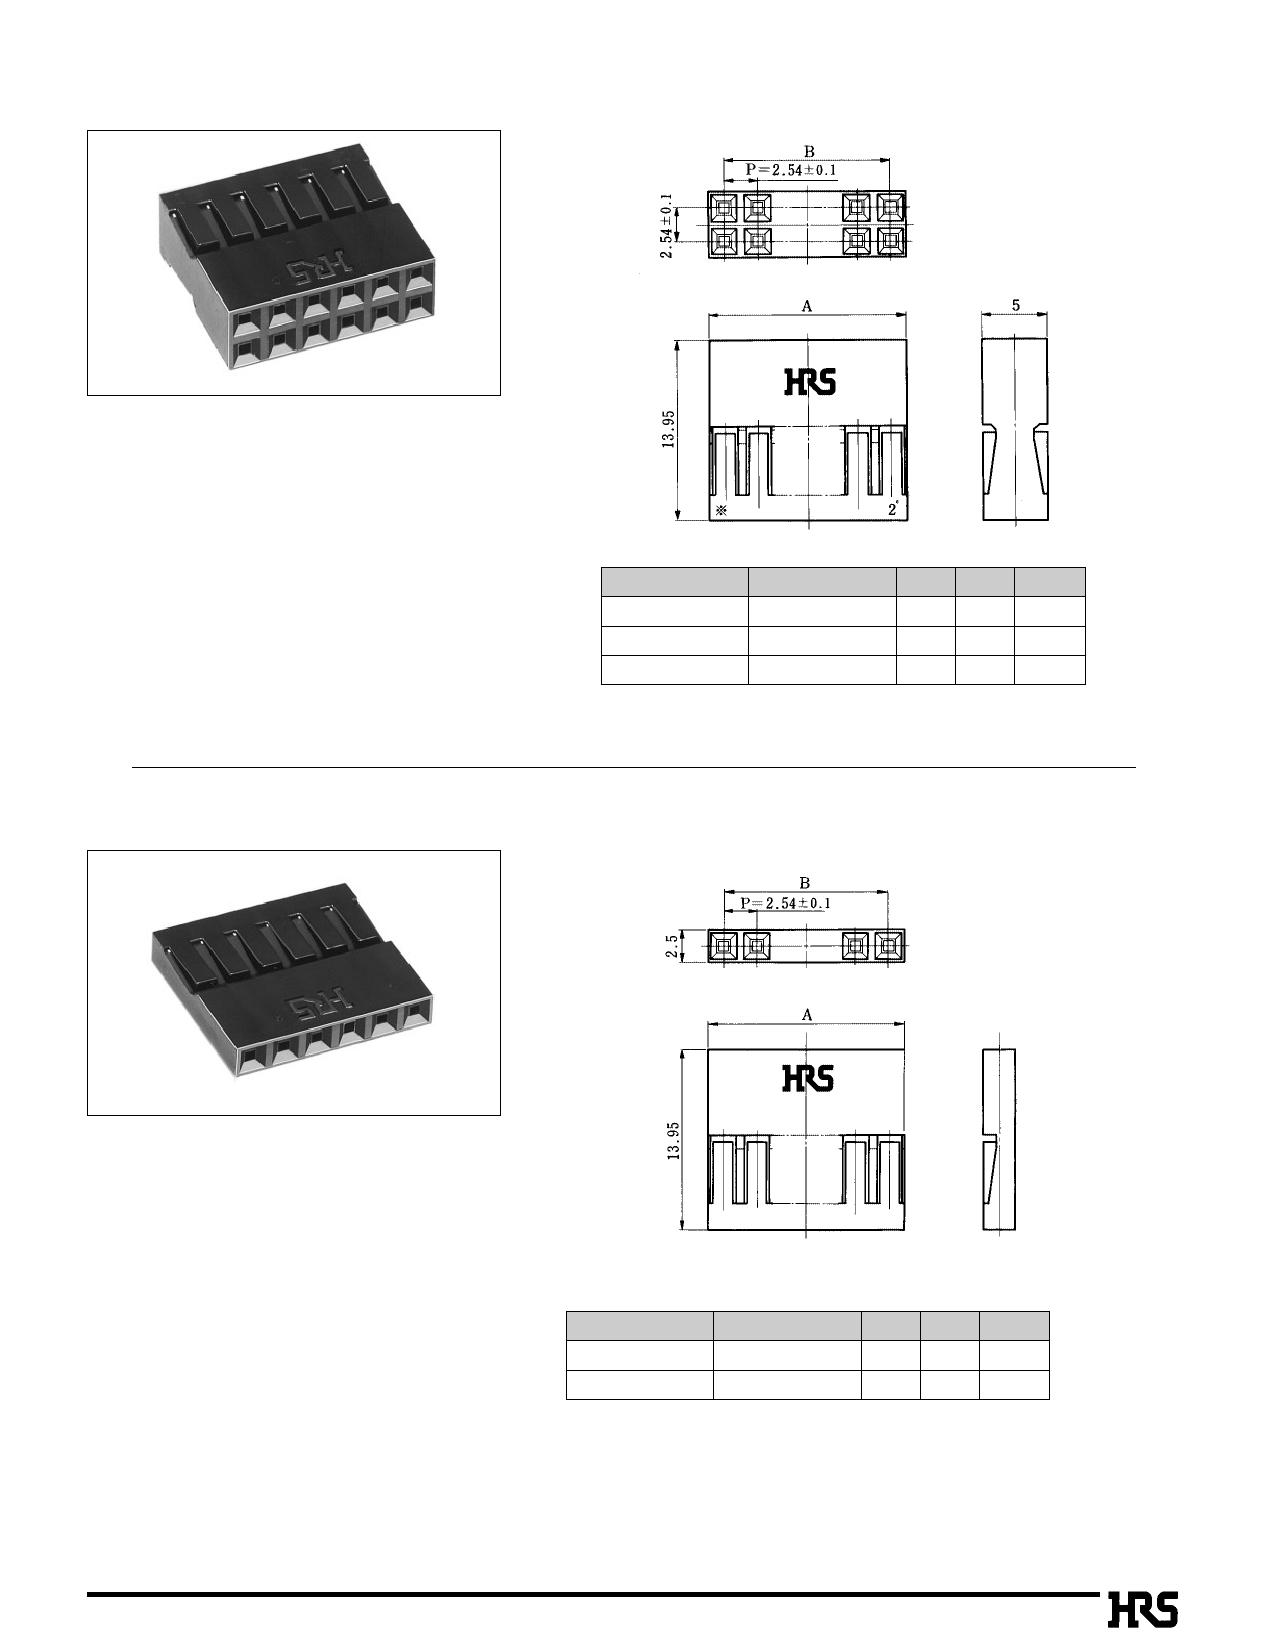 A2-11PA-2.54DSA 電子部品, 半導体